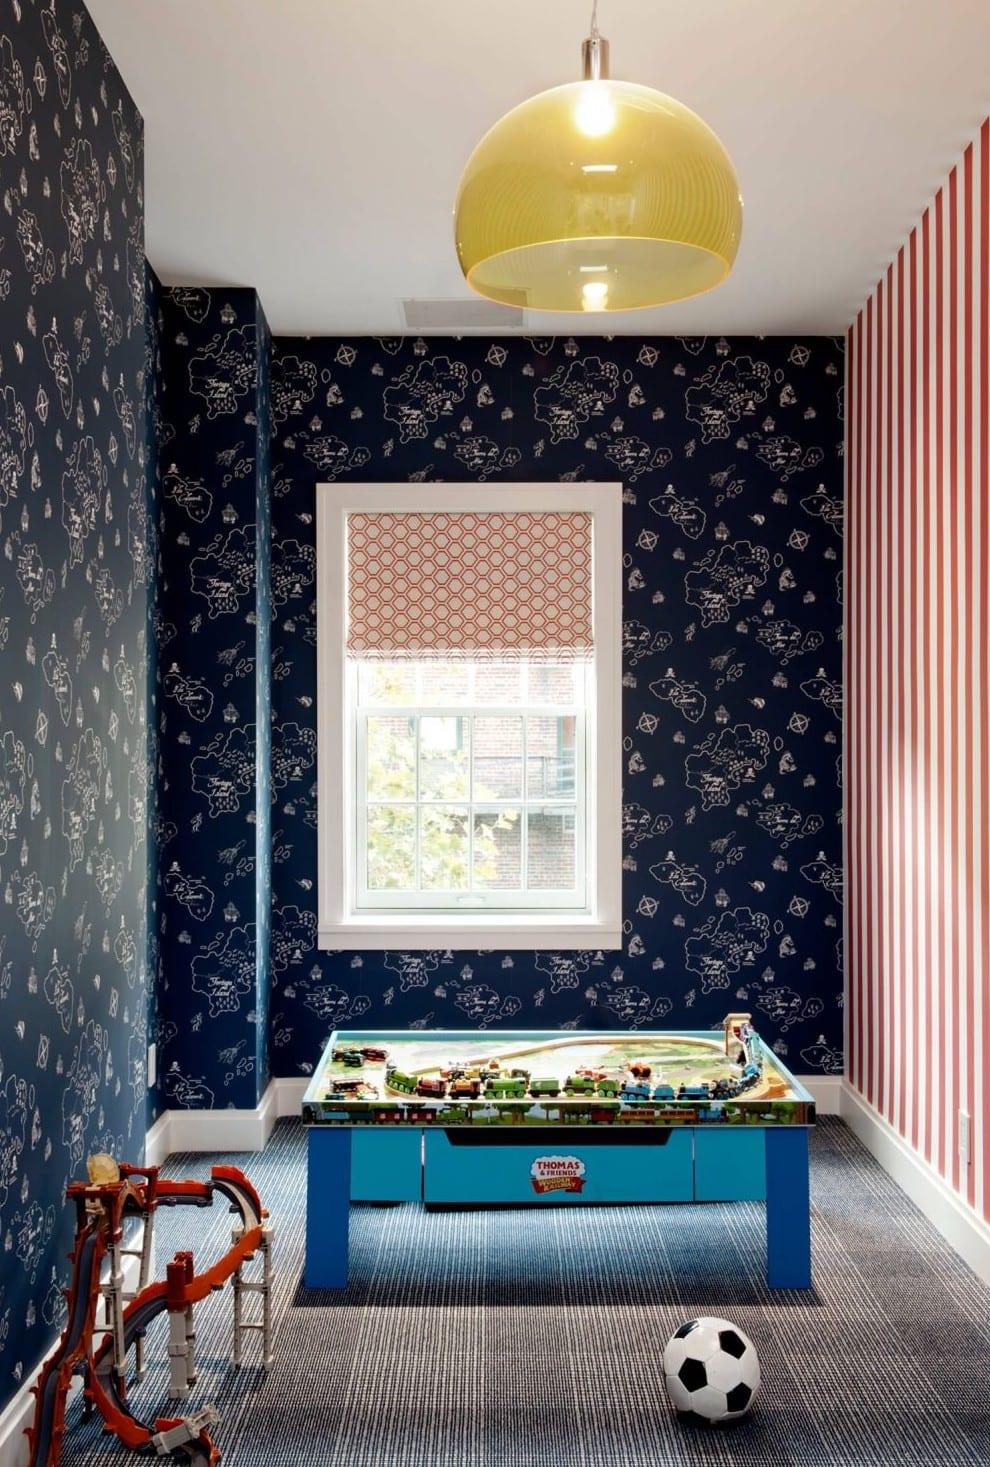 Coole Wohnidee Und Modernes Interieur Vom Townhouse Chelsea_kinderzimmer  Ideen Für Wandgestaltung Kinderzimmer Mit Blauen Tapeten